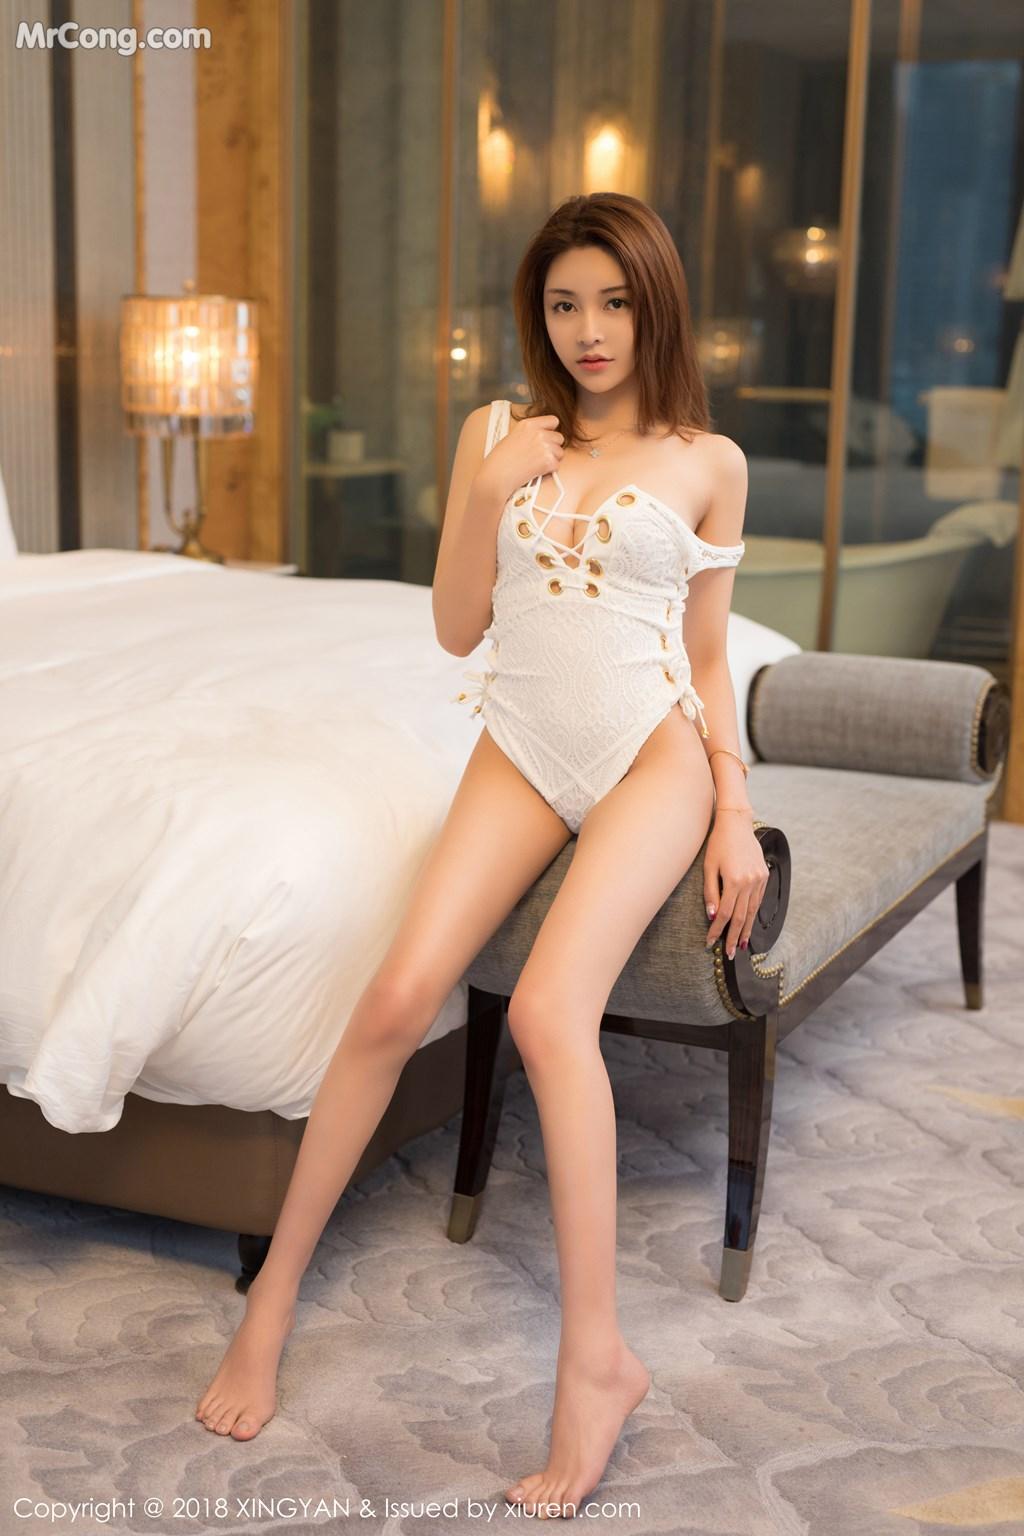 Image XingYan-Vol.099-Selina-MrCong.com-001 in post XingYan Vol.099: Người mẫu Selina思思 (42 ảnh)